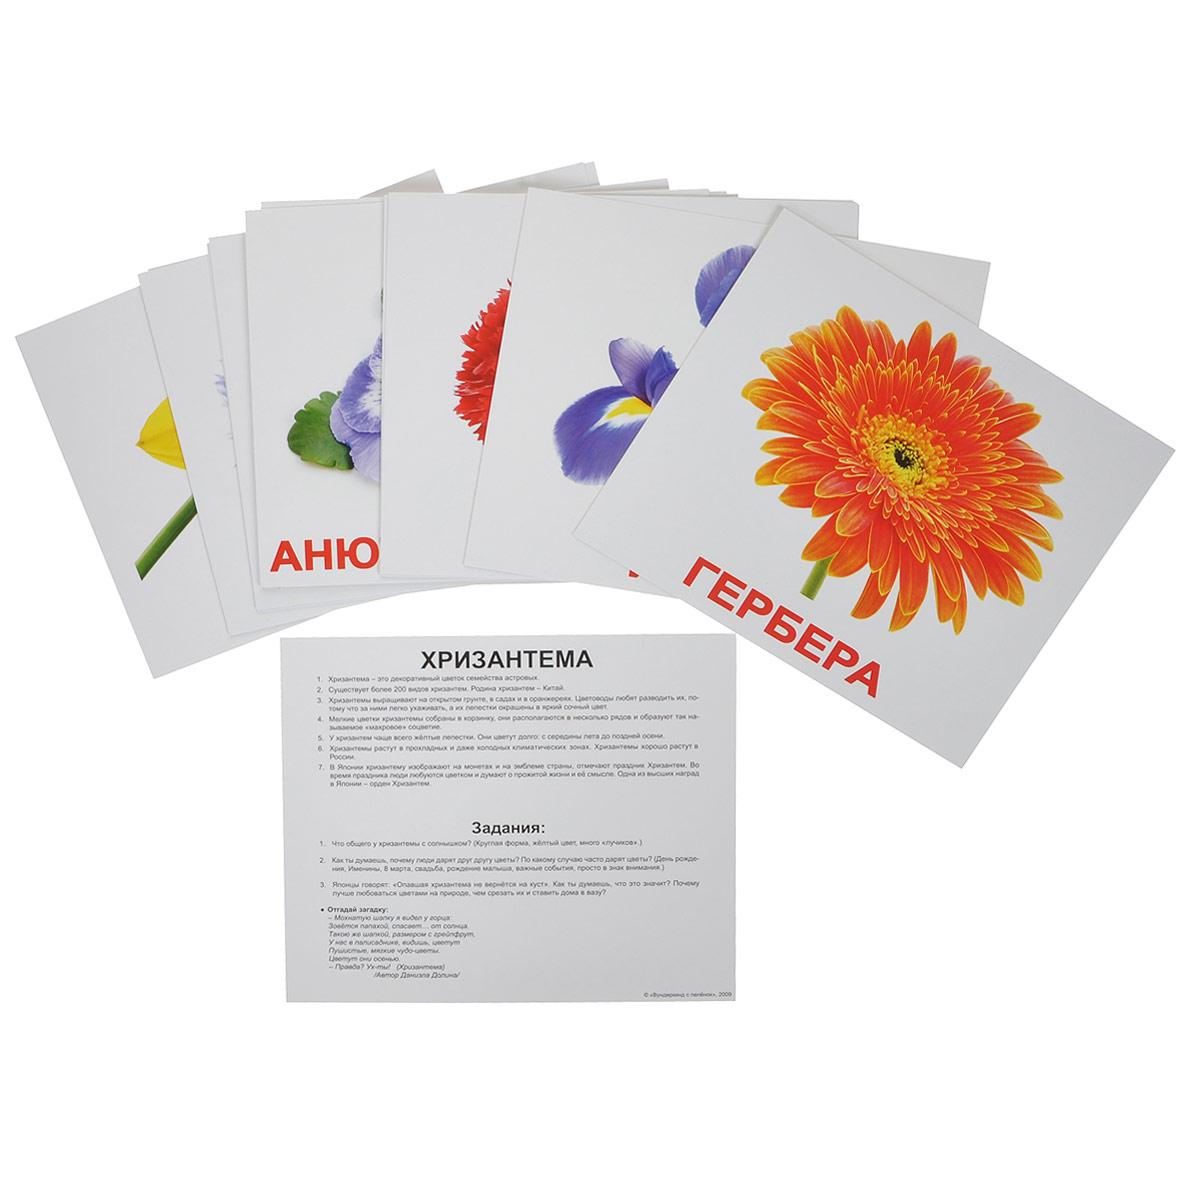 """Набор обучающих карточек """"Цветы"""" предназначен для занятий с детьми. Он содержит 20 карточек с изображениями различных цветов с подписями, а также фактами и заданиями на обратной стороне карточек. Просмотр таких карточек позволяет ребенку быстро усвоить названия цветов, запомнить, как они пишутся, развивает у него интеллект и формирует фотографическую память."""